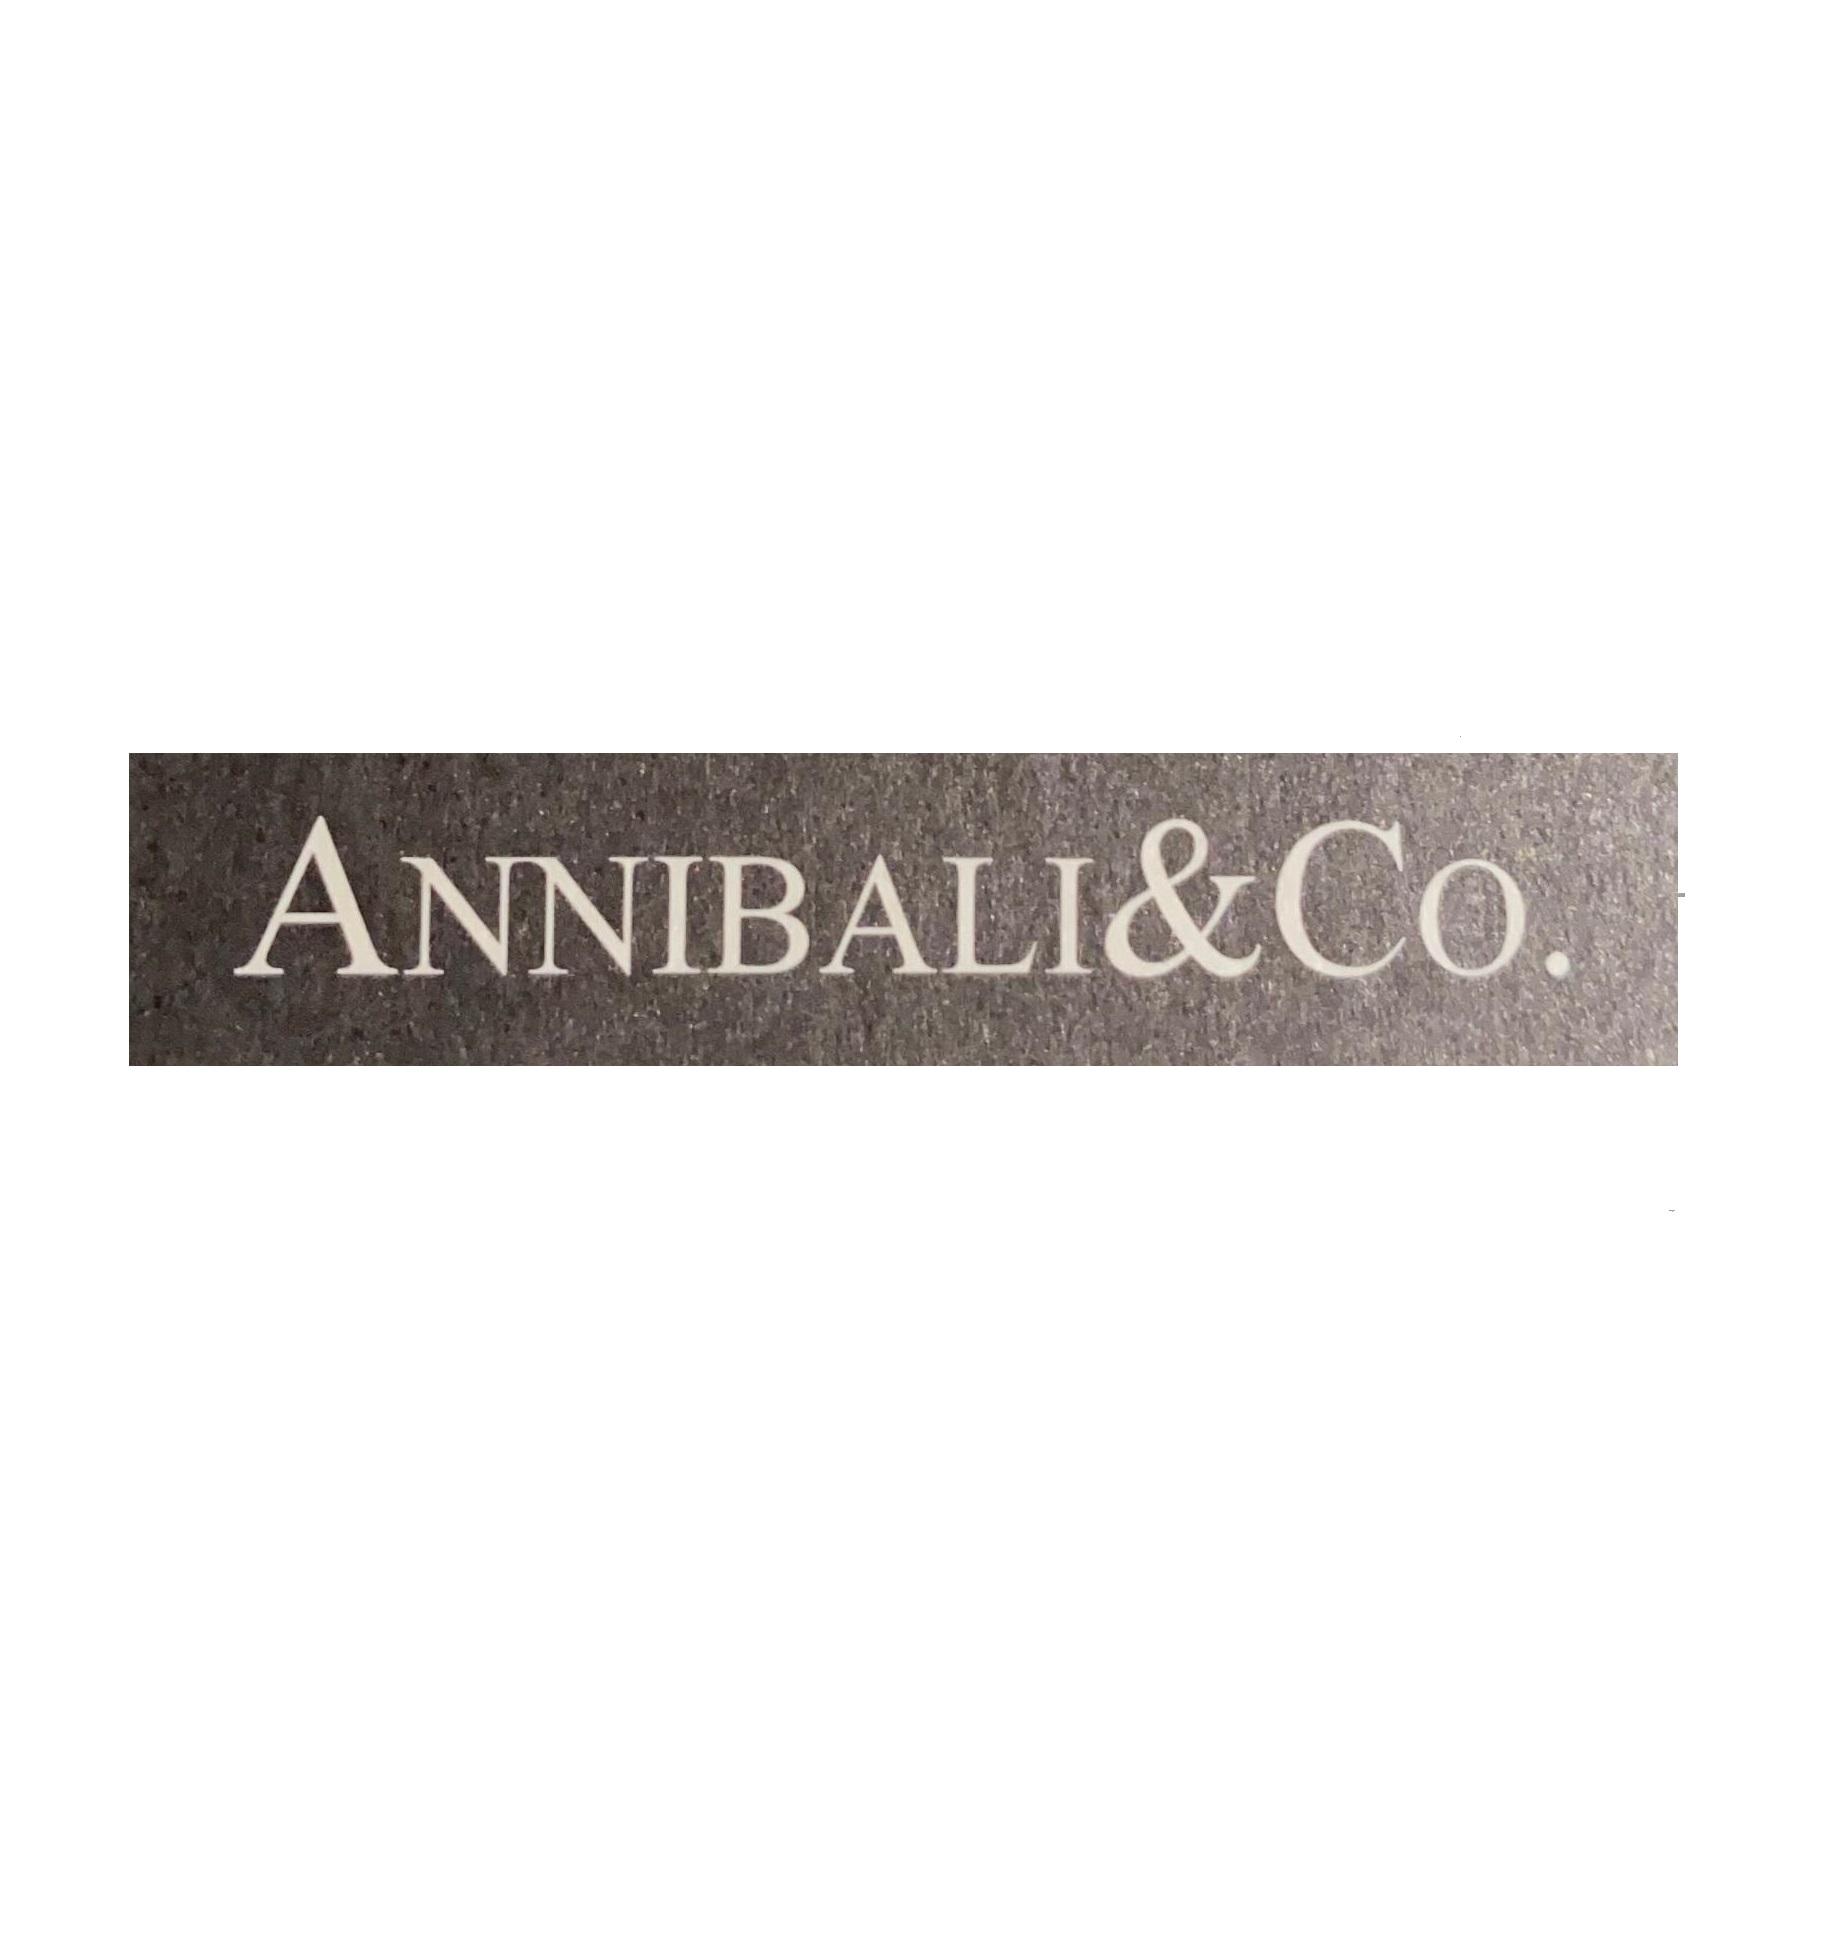 Annibali & Co - MondaniWeb